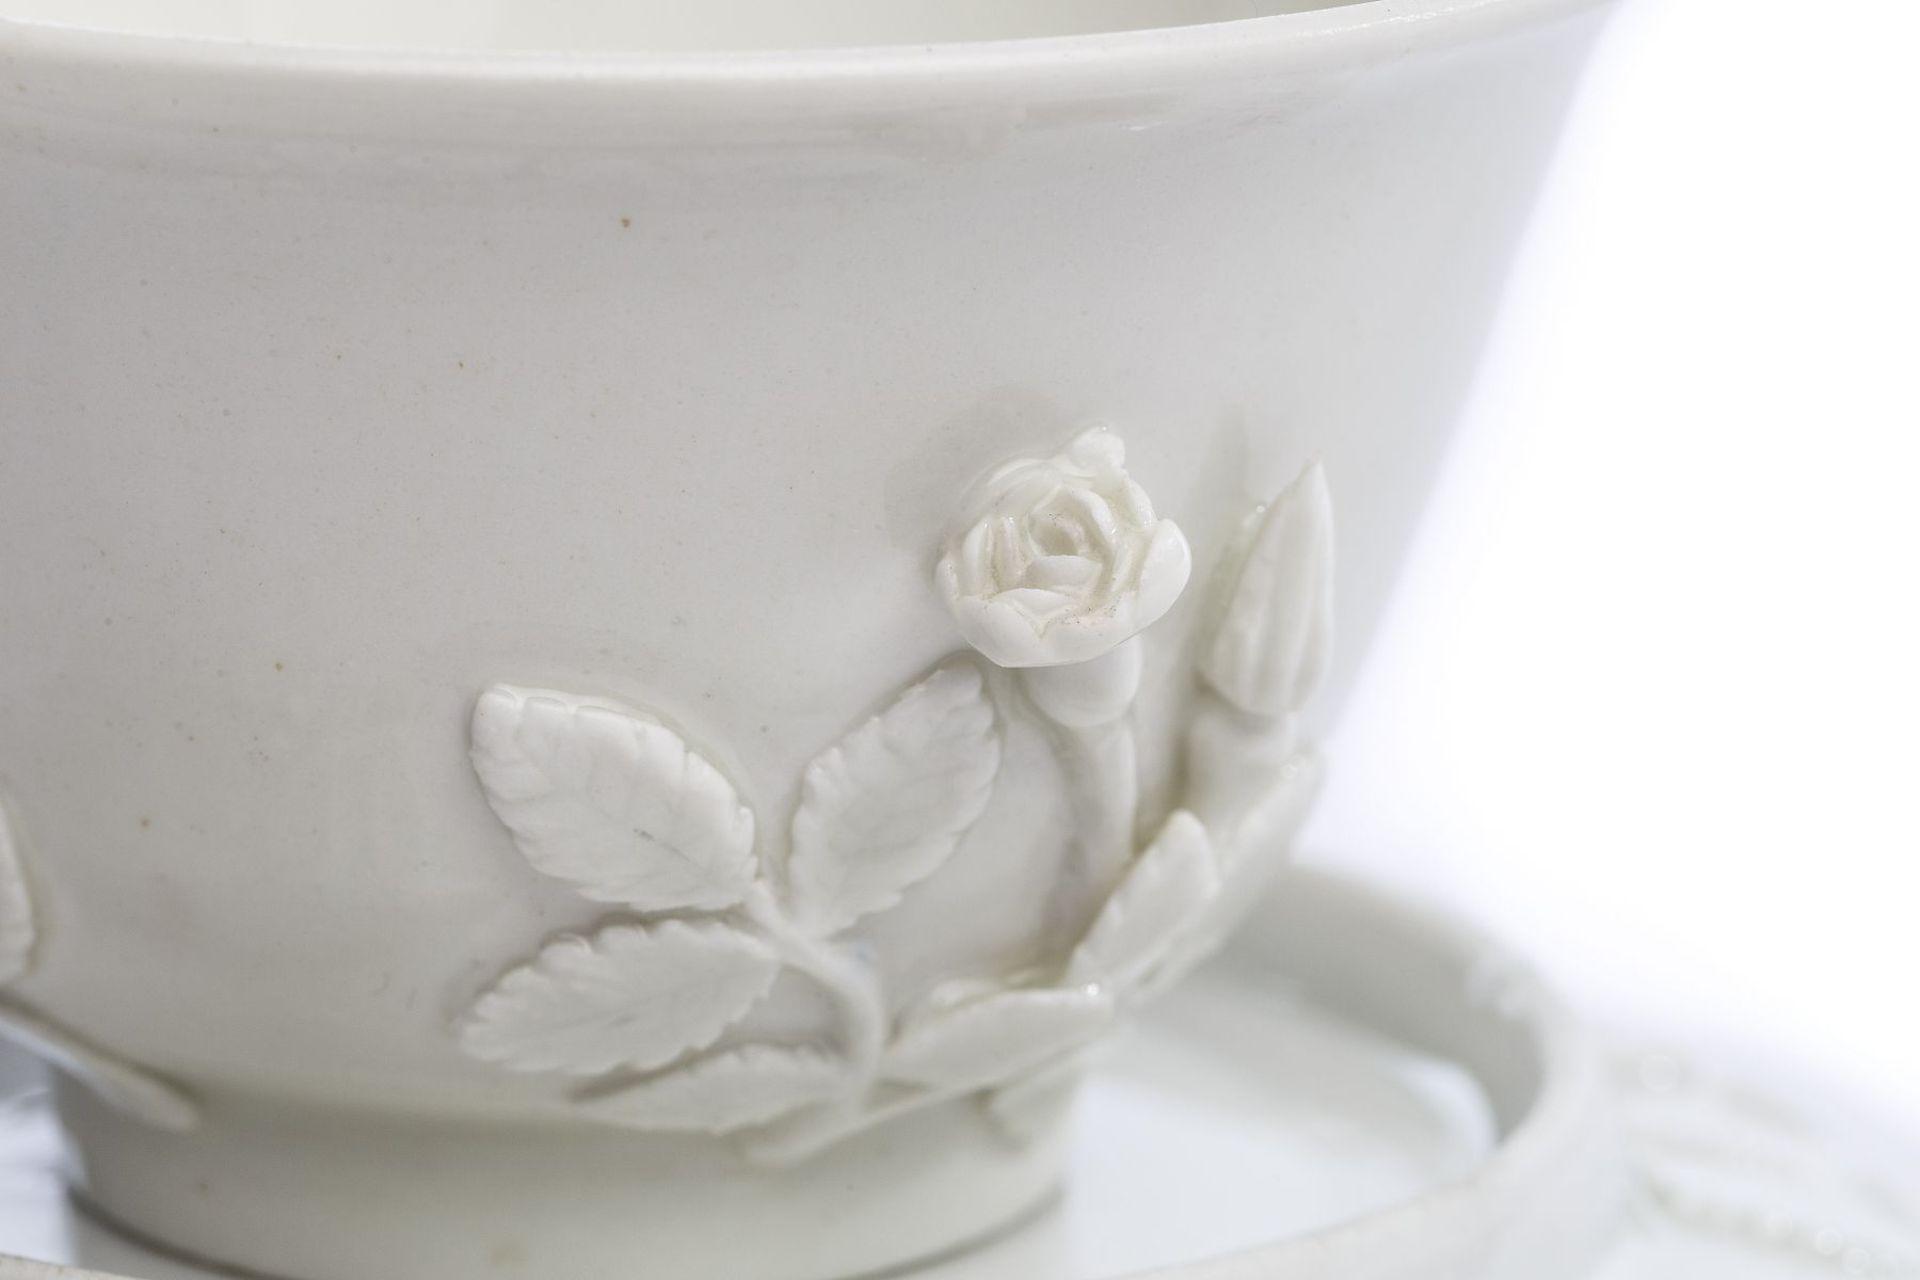 Koppchen mit Unterschale, weißes Böttgerporzellan, Meissen 1720/25 - Bild 2 aus 5